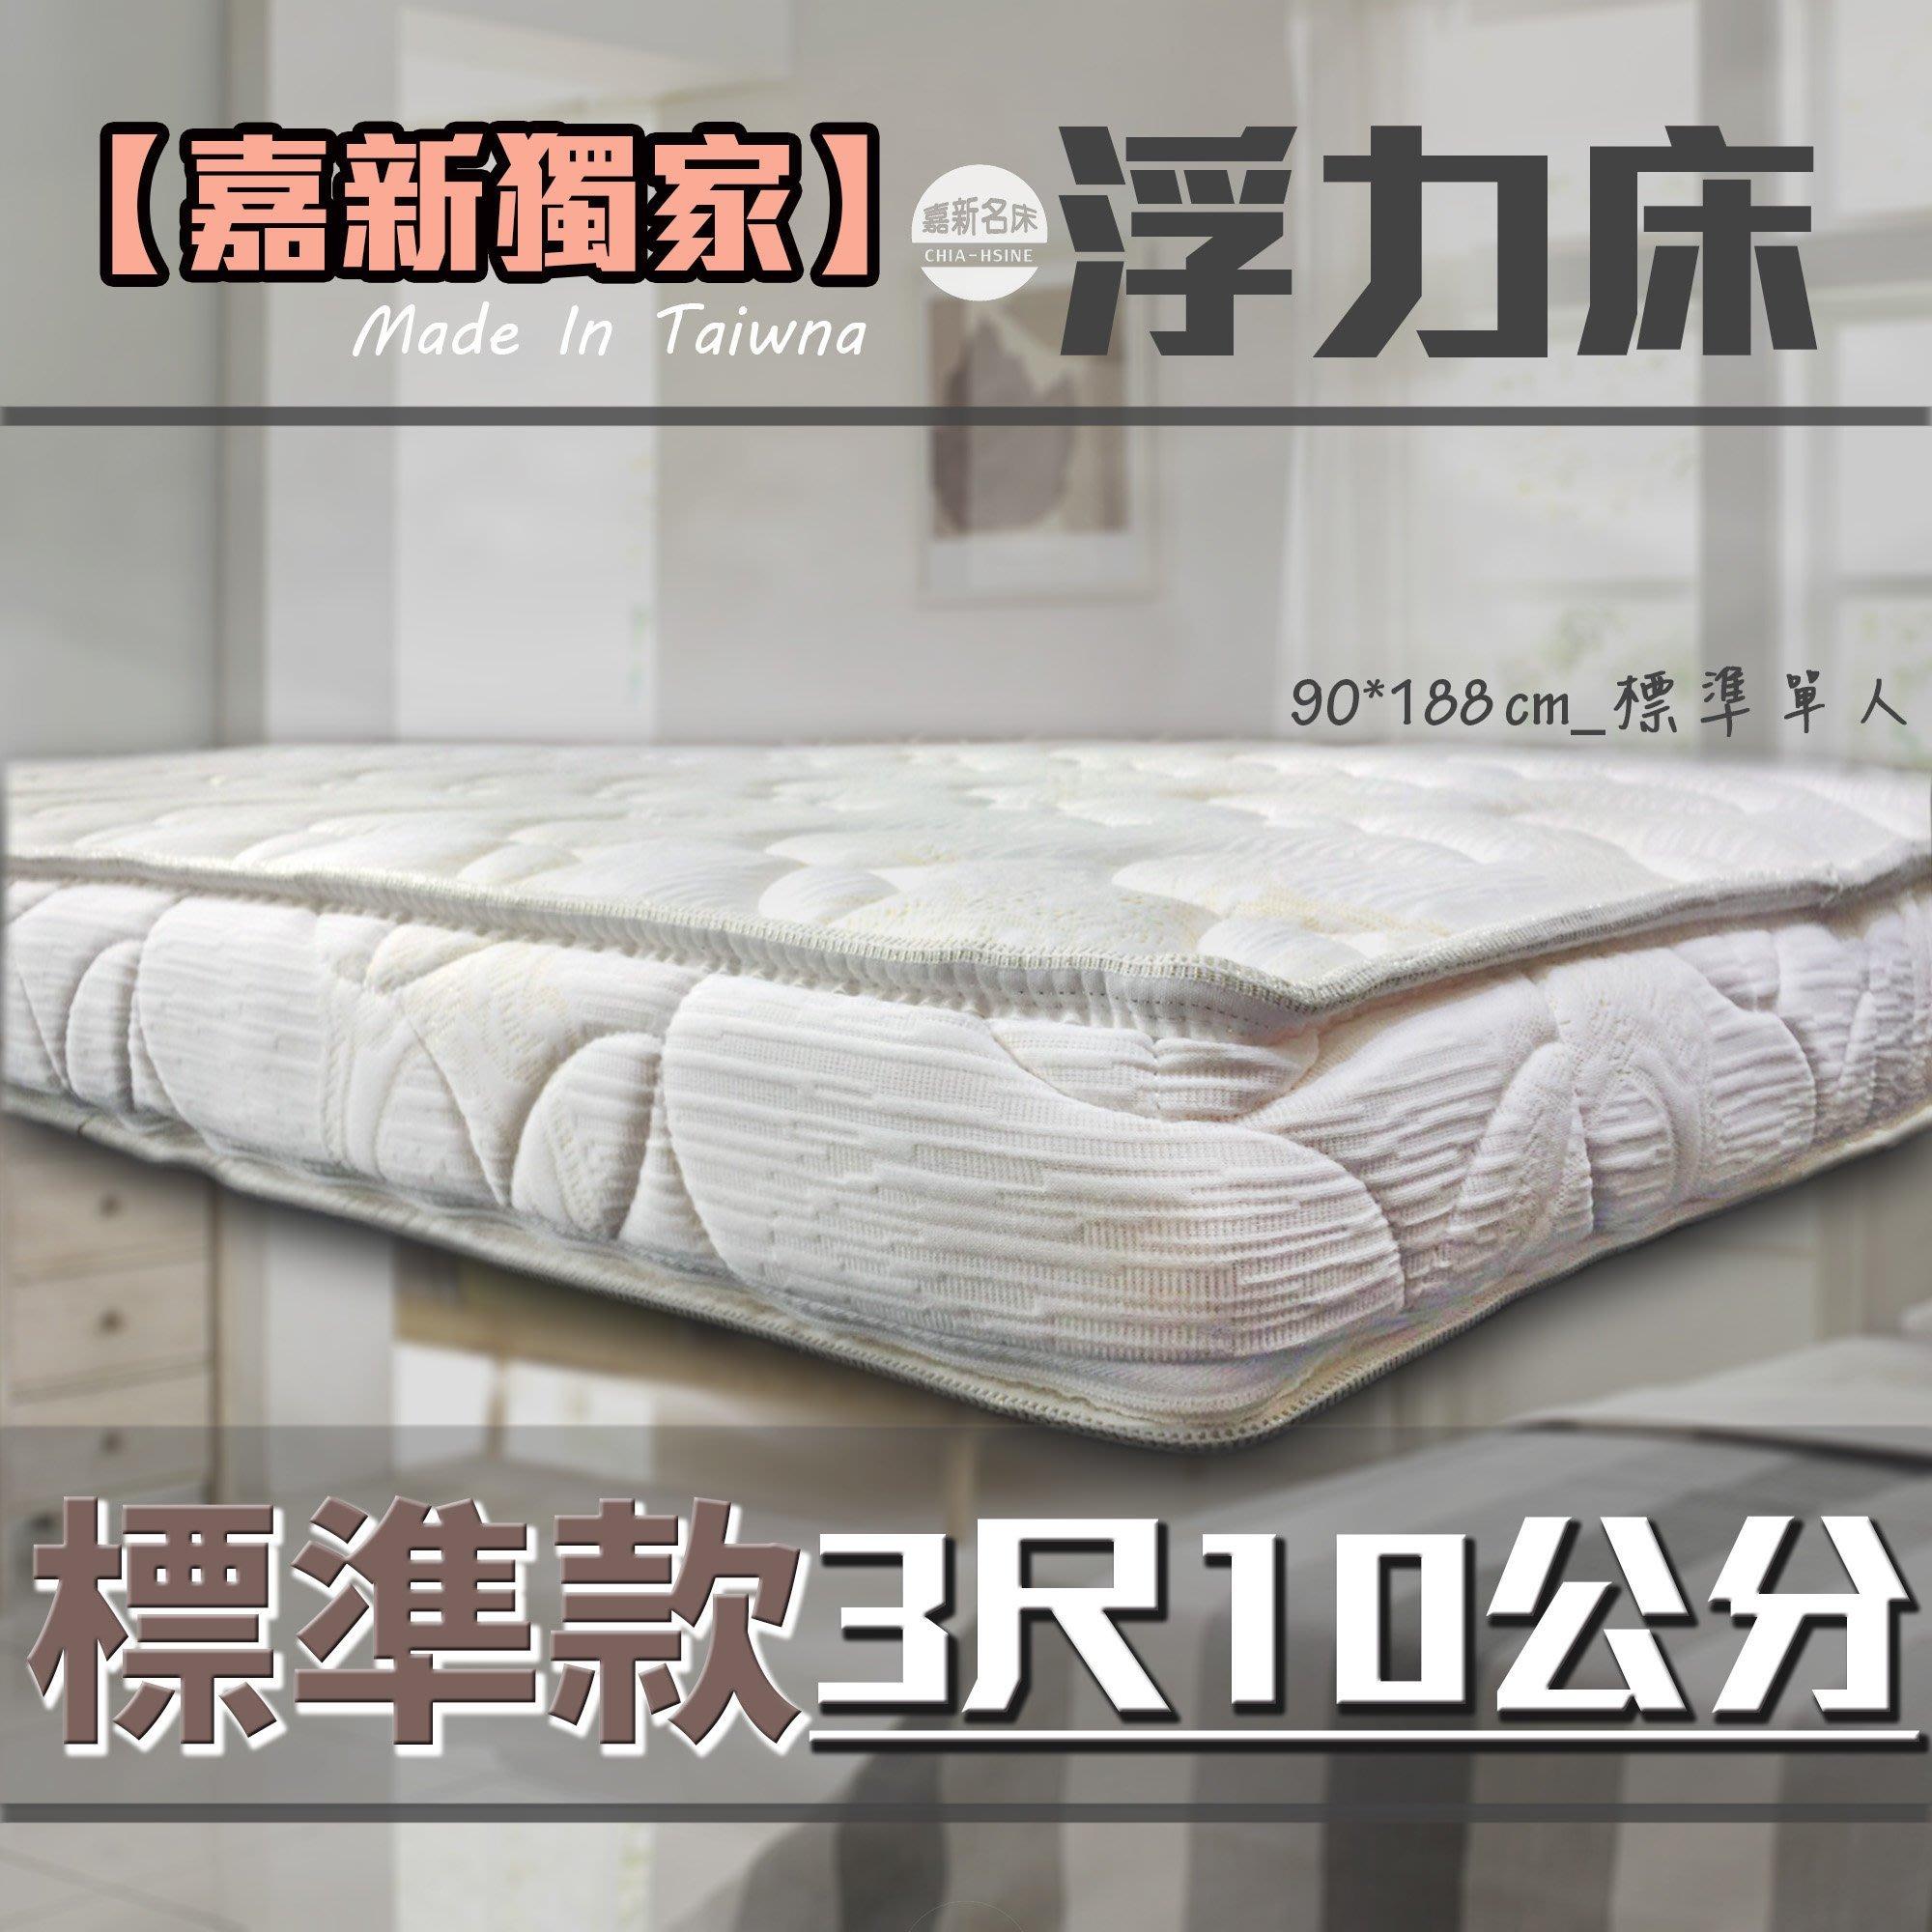 【嘉新床墊】厚10公分/ 標準單人3 尺【標準款 浮力床】頂級手工薄墊/台灣領導品牌/矽膠乳膠優點